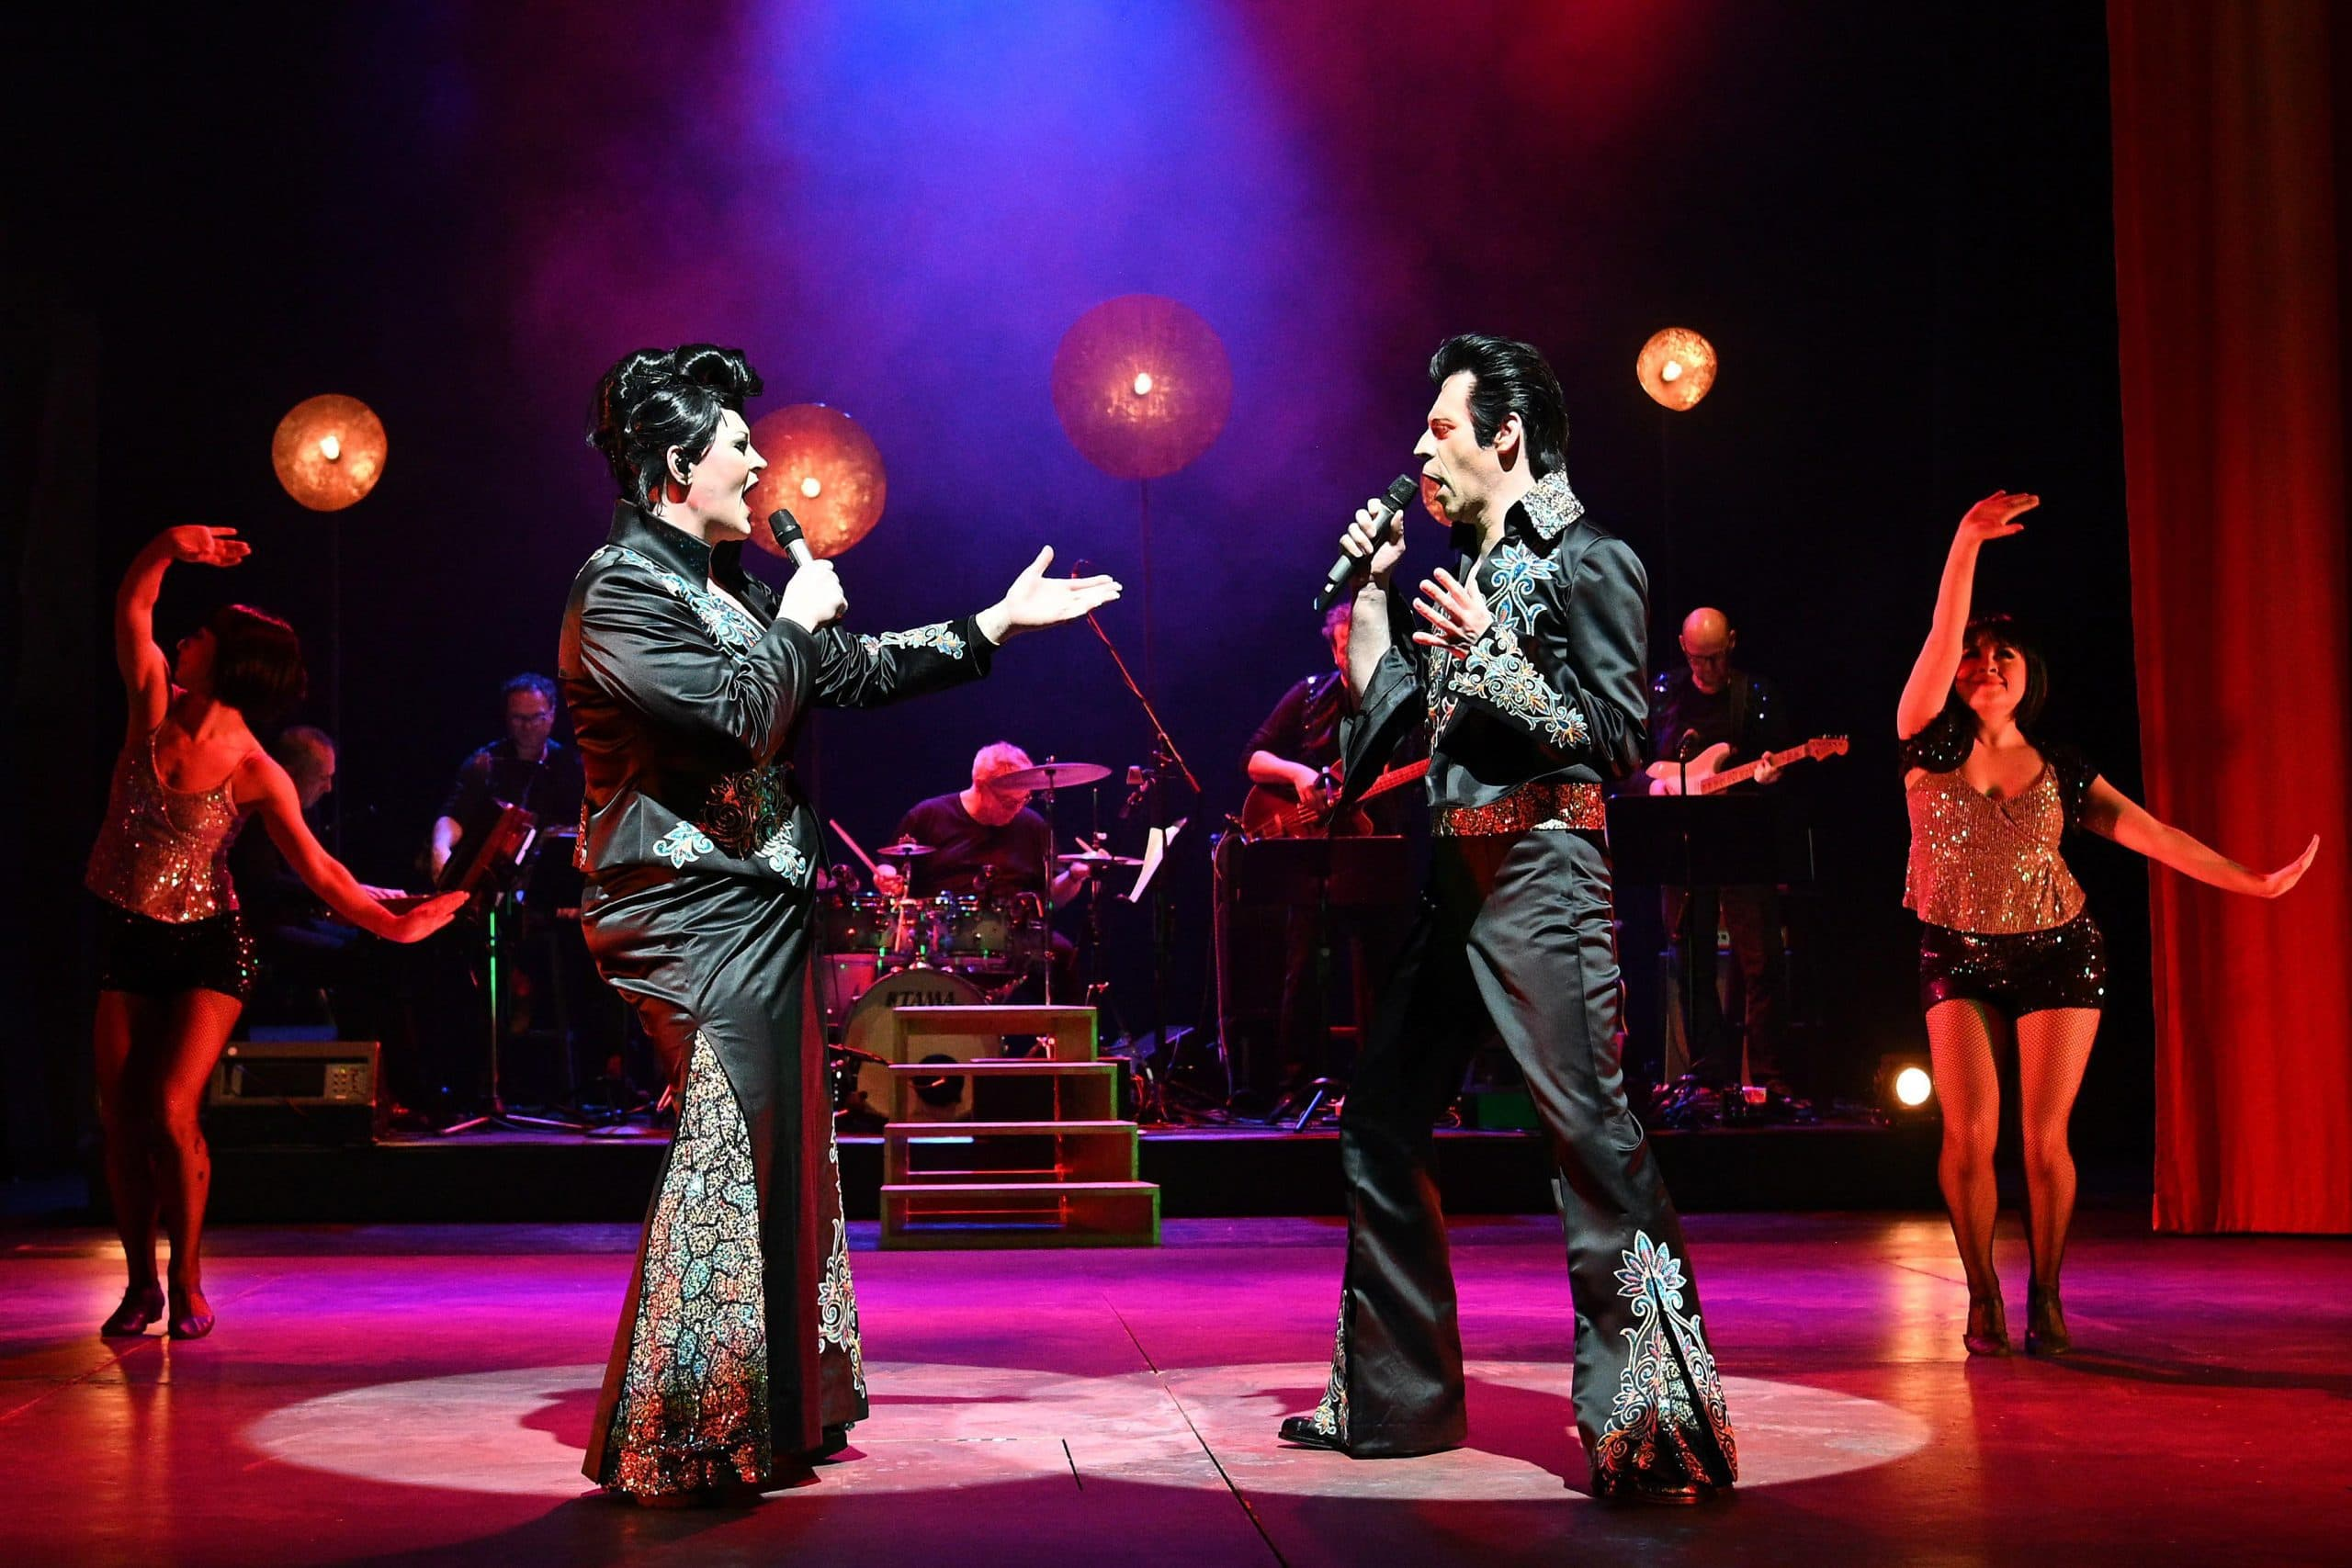 """Rockrevue im Velodrom – Hell, yeah! """"Jenseits von St. Emmeram"""": Große Stimmen und super Stimmung beim Showdown gegen den Teufel"""